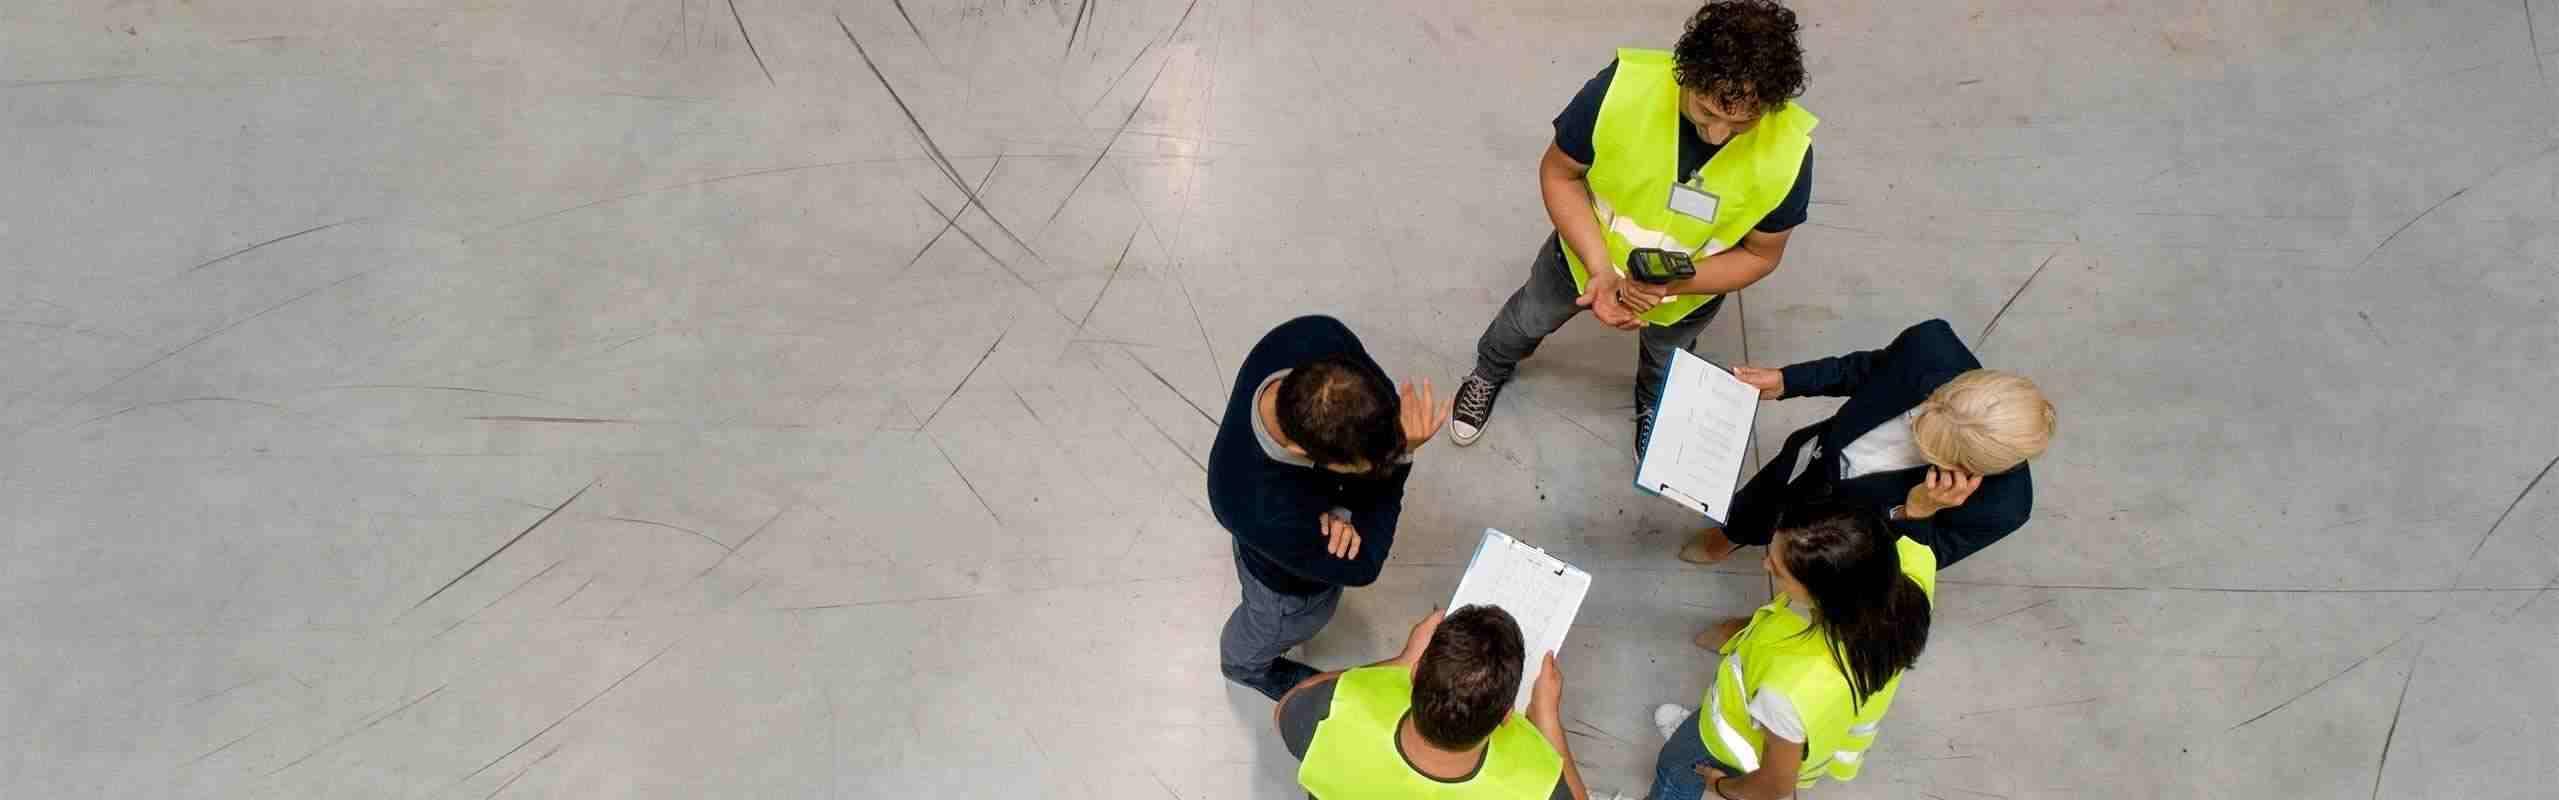 Descubre la importancia de la cadena de suministro en una empresa